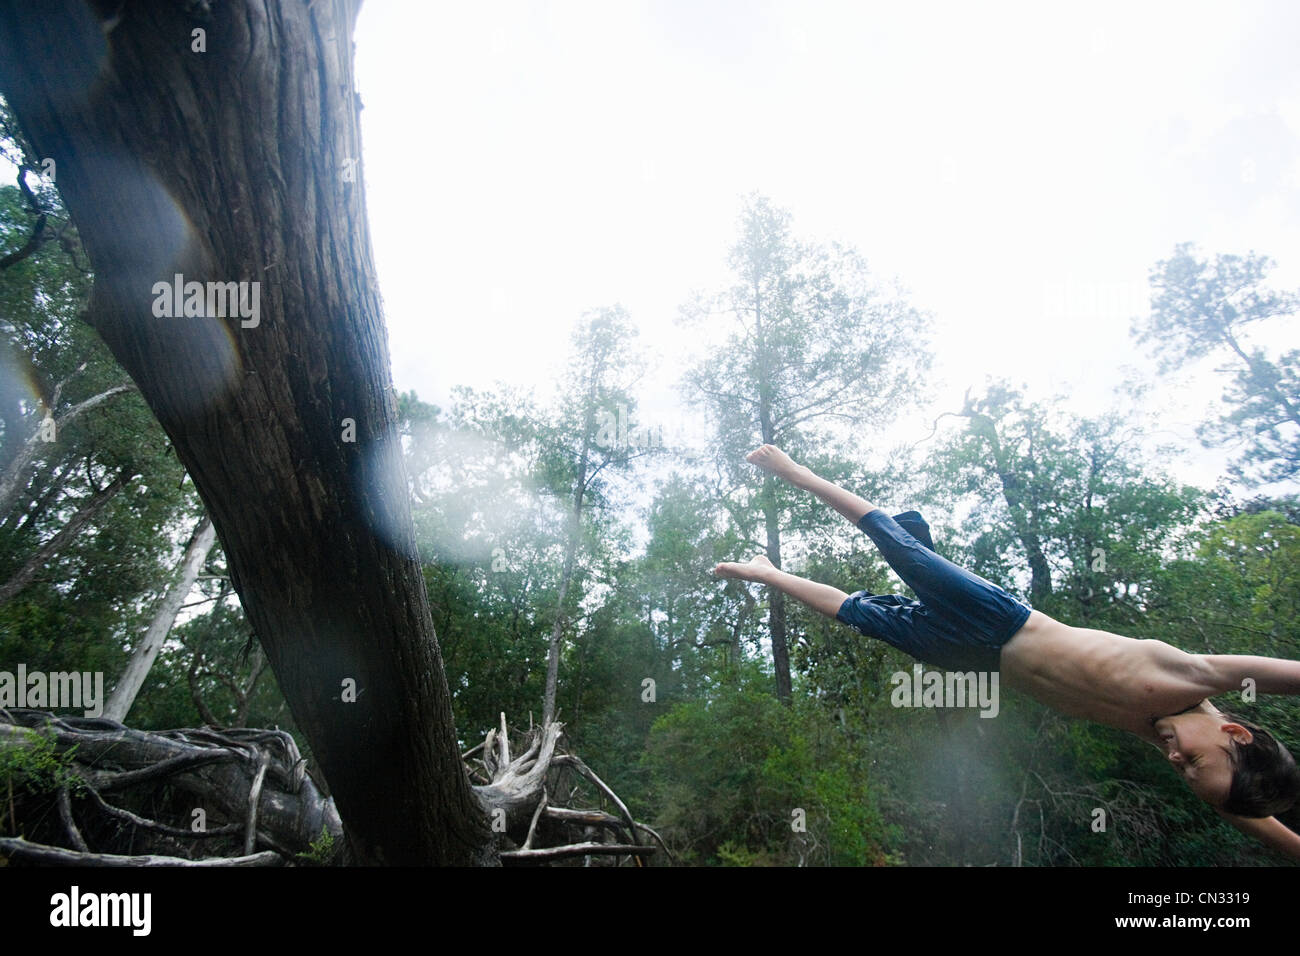 Ragazzo diving off tree Immagini Stock